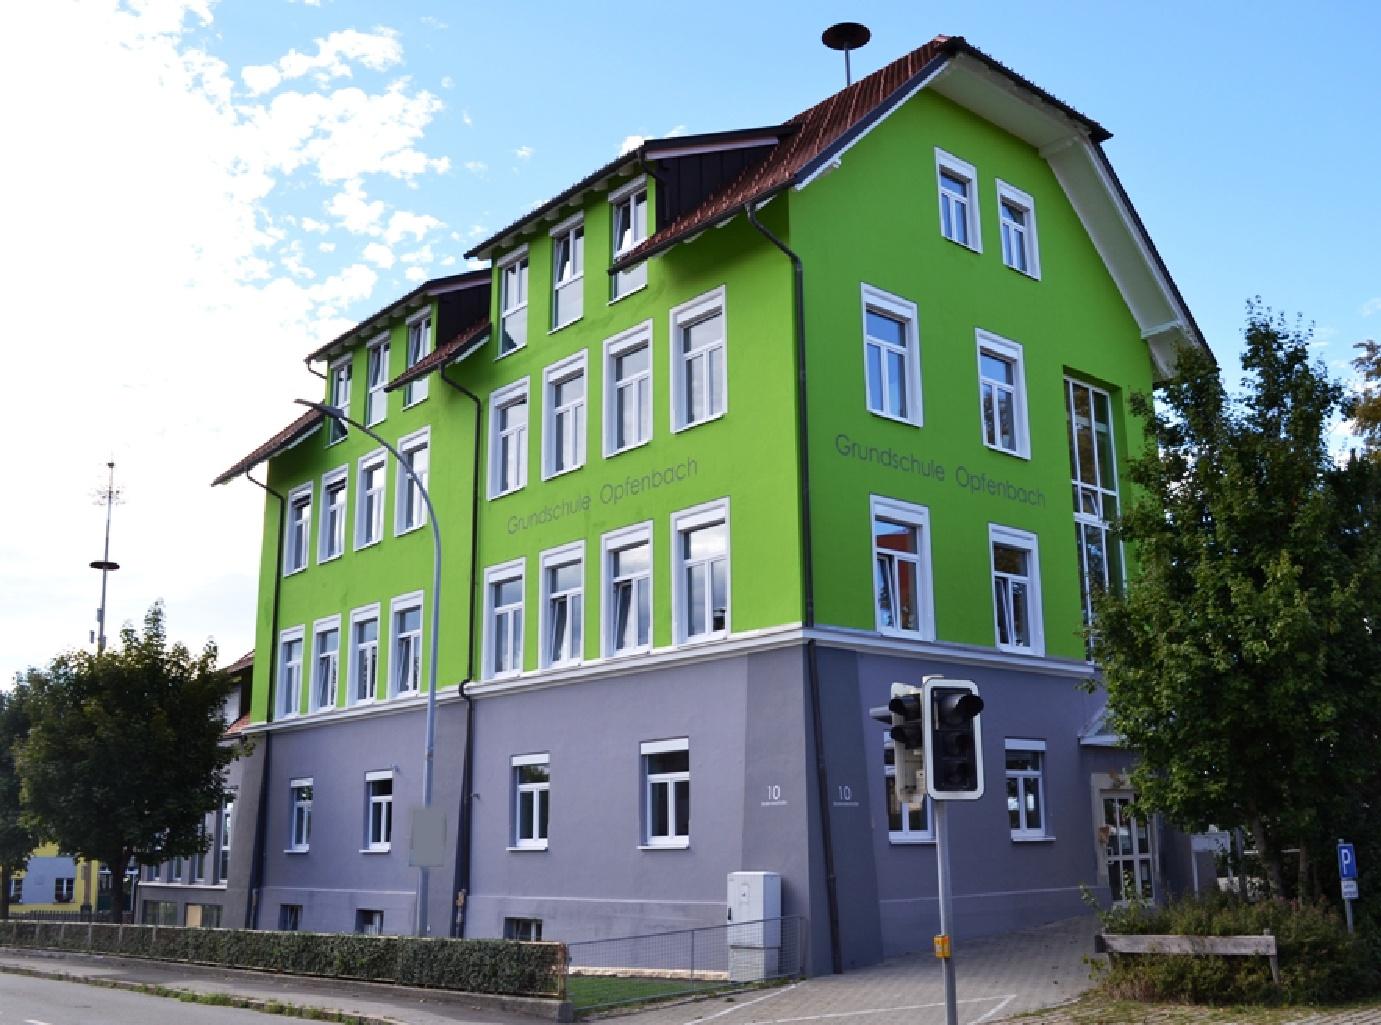 Energetische Sanierung Grundschule in Opfenbach - Fertigstellung